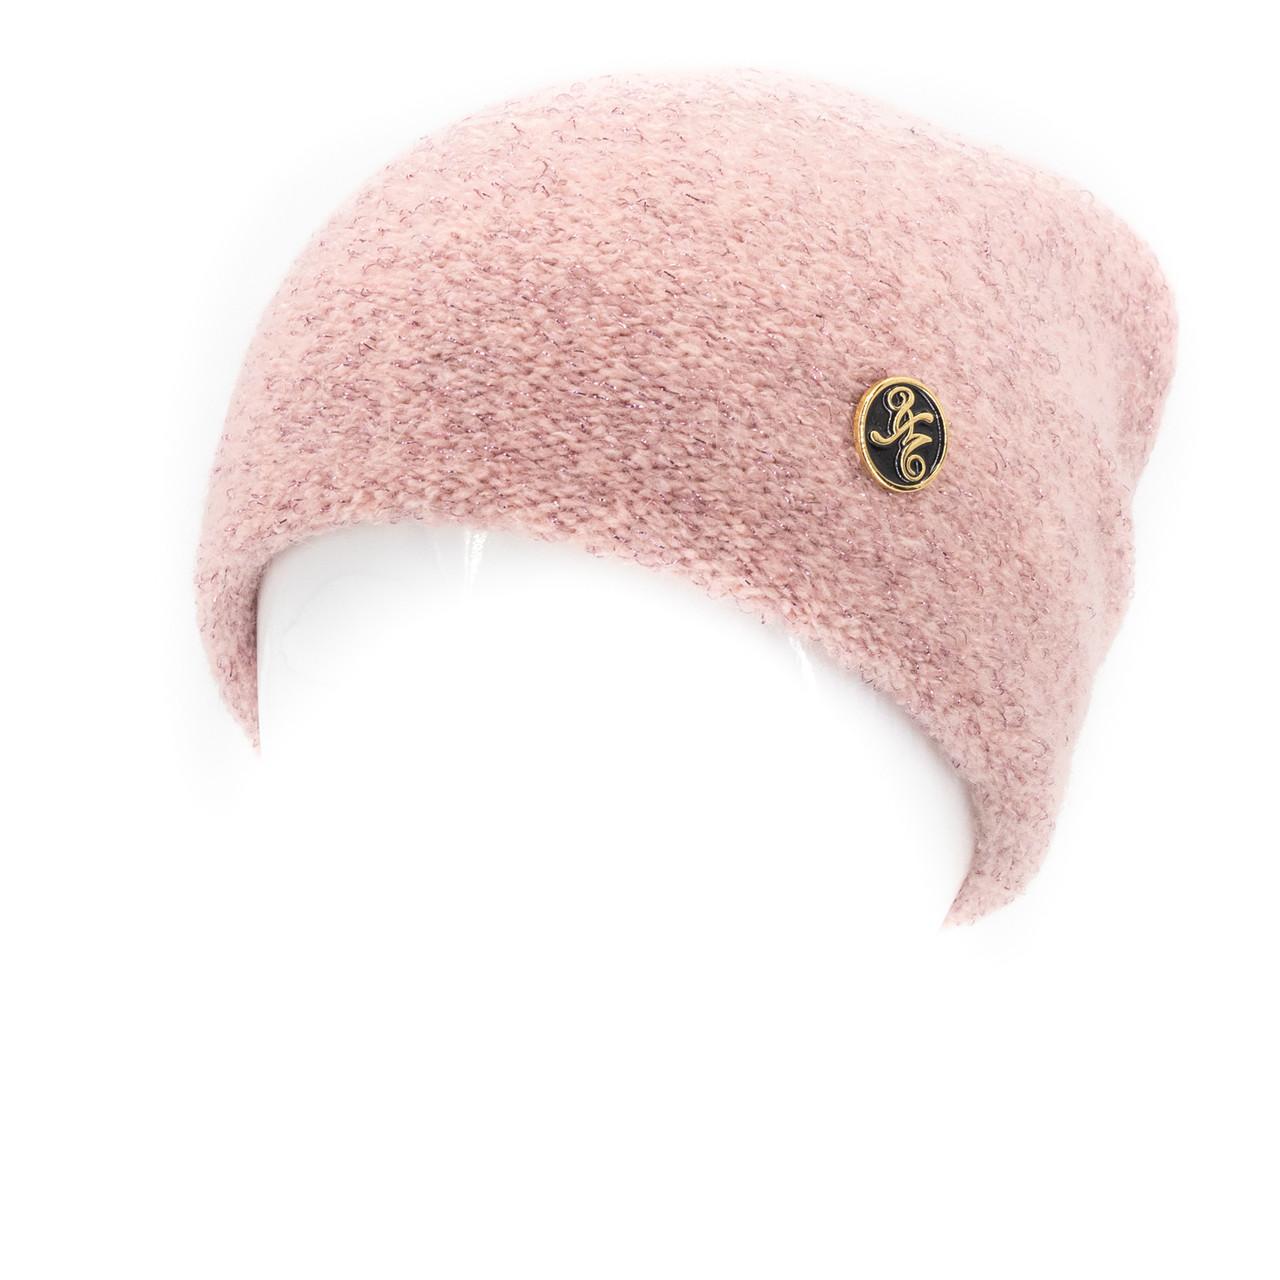 Шапка женская Veer Mar Нино  розовая       ( SH2038-Т1803-213 m )